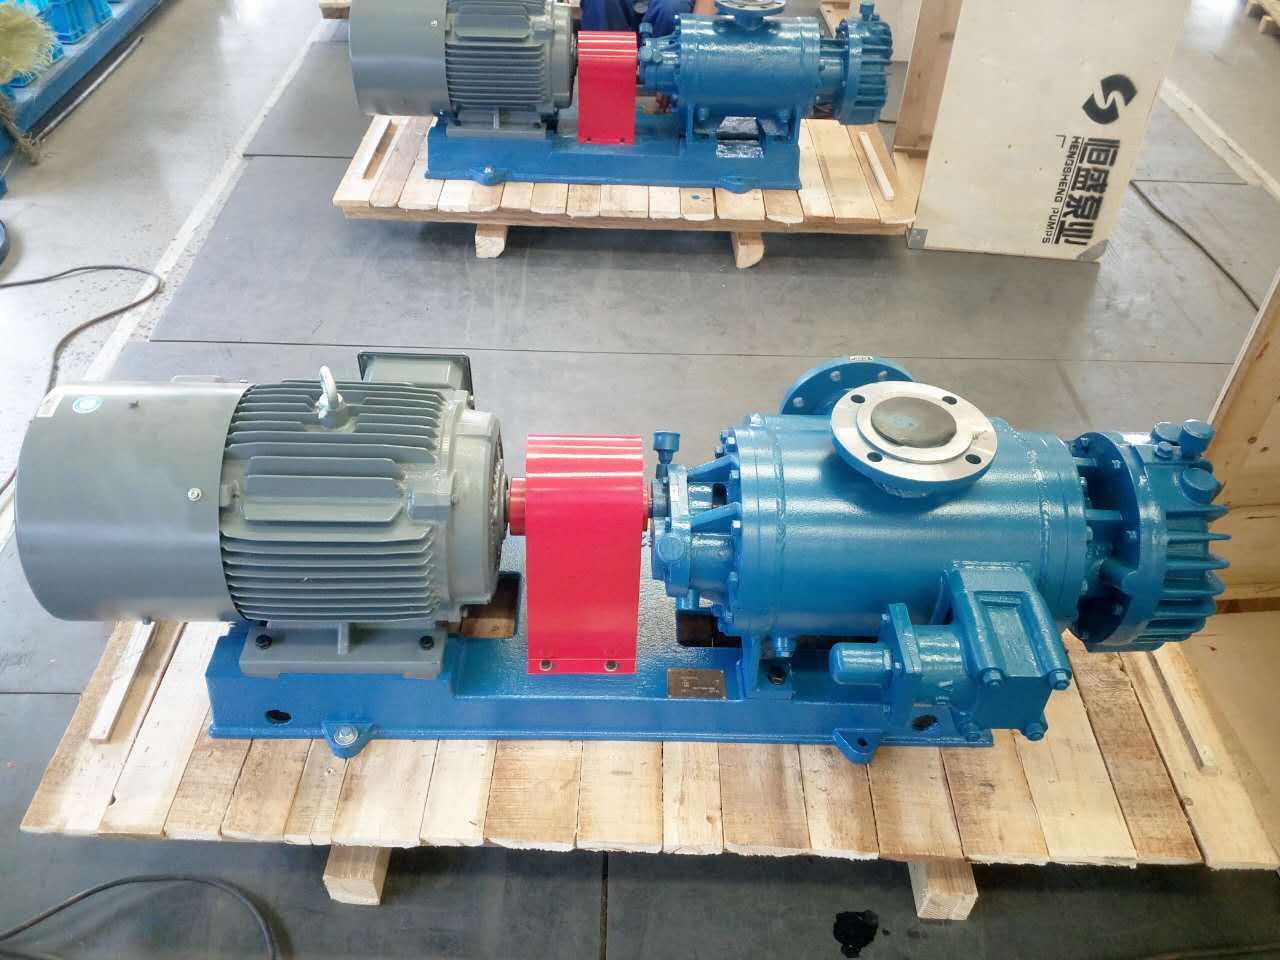 原油输送泵到底用哪一种泵好?主要看原油